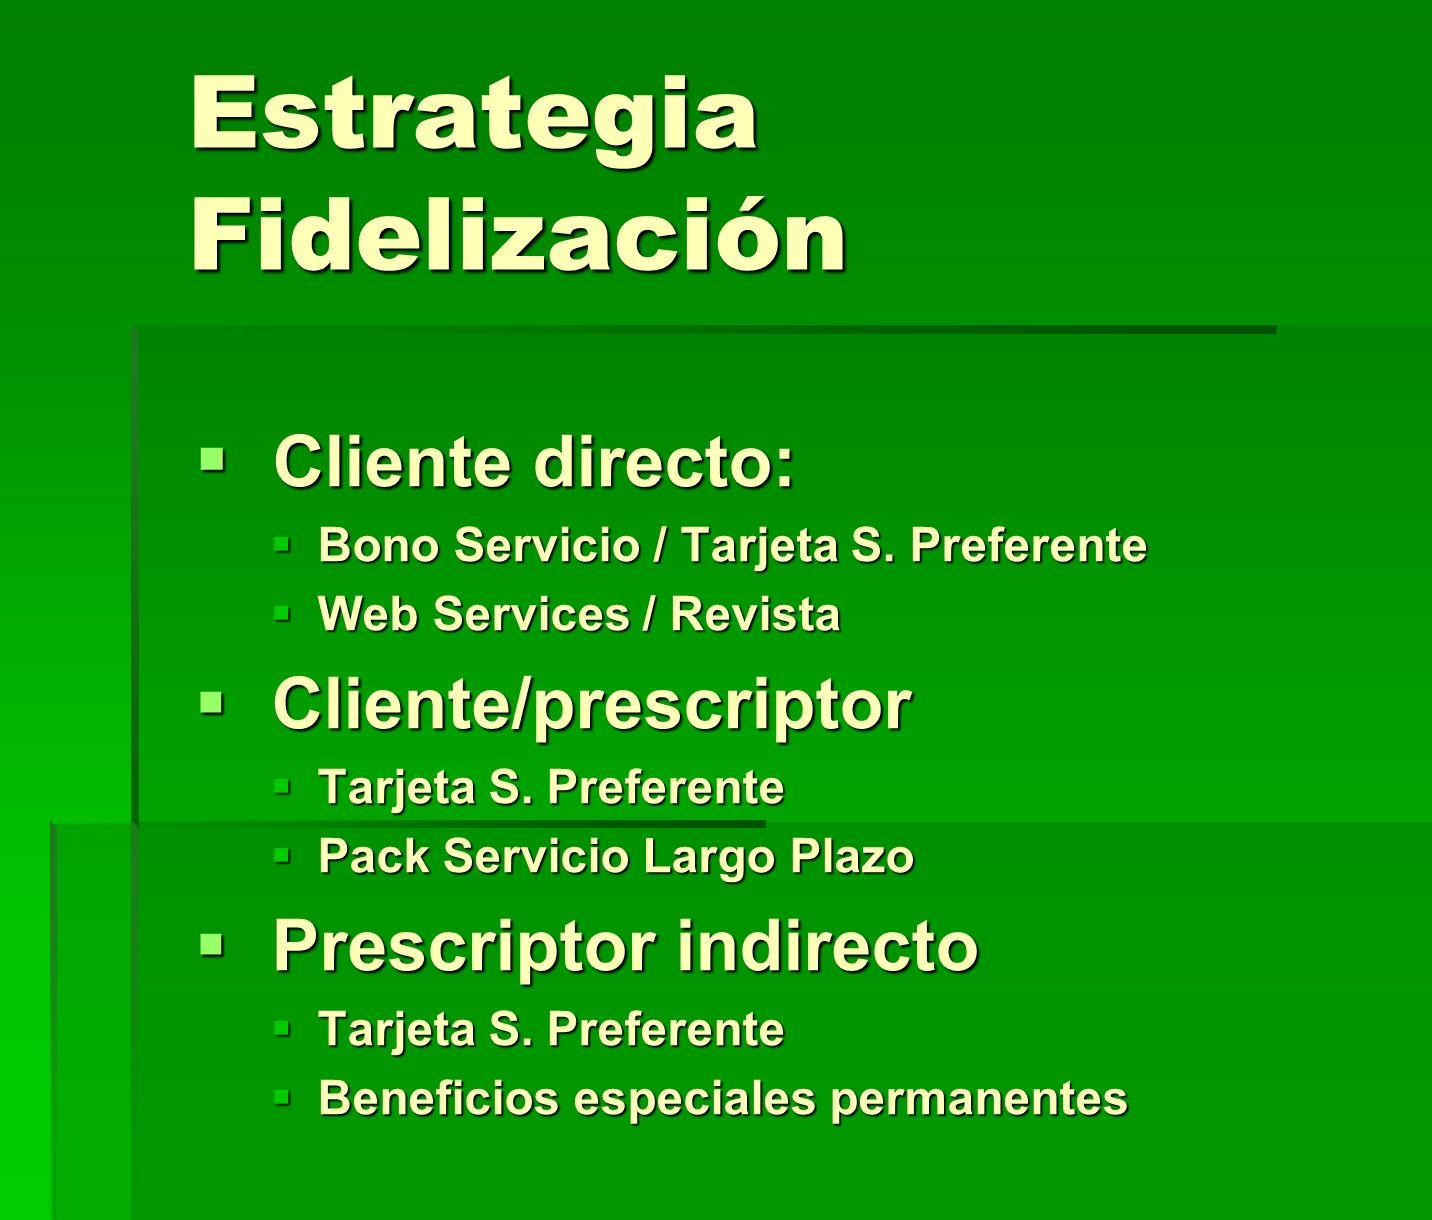 Estrategia Fidelización